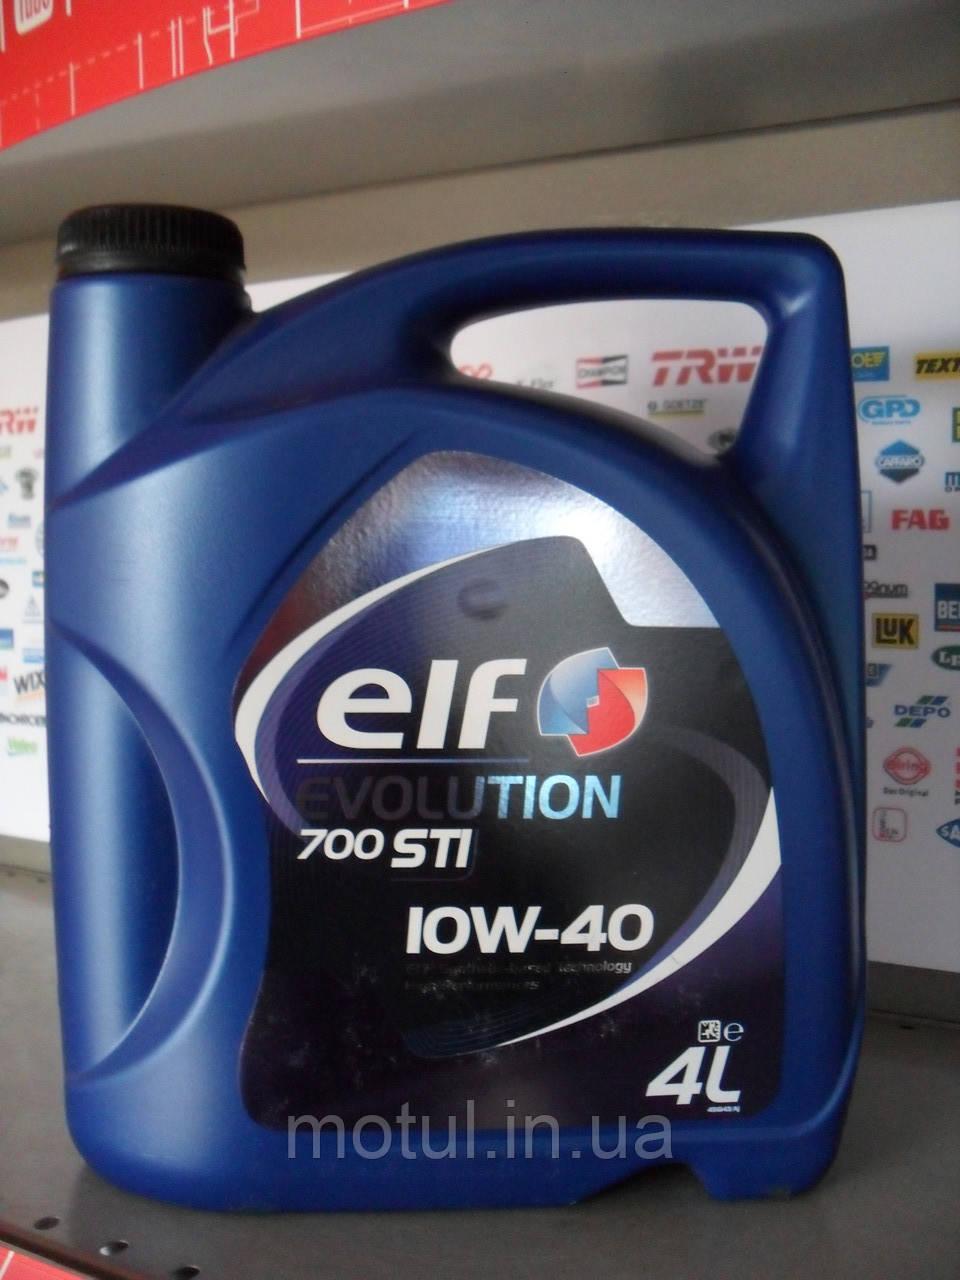 Моторне масло Elf Evolution 700 sti 10w40